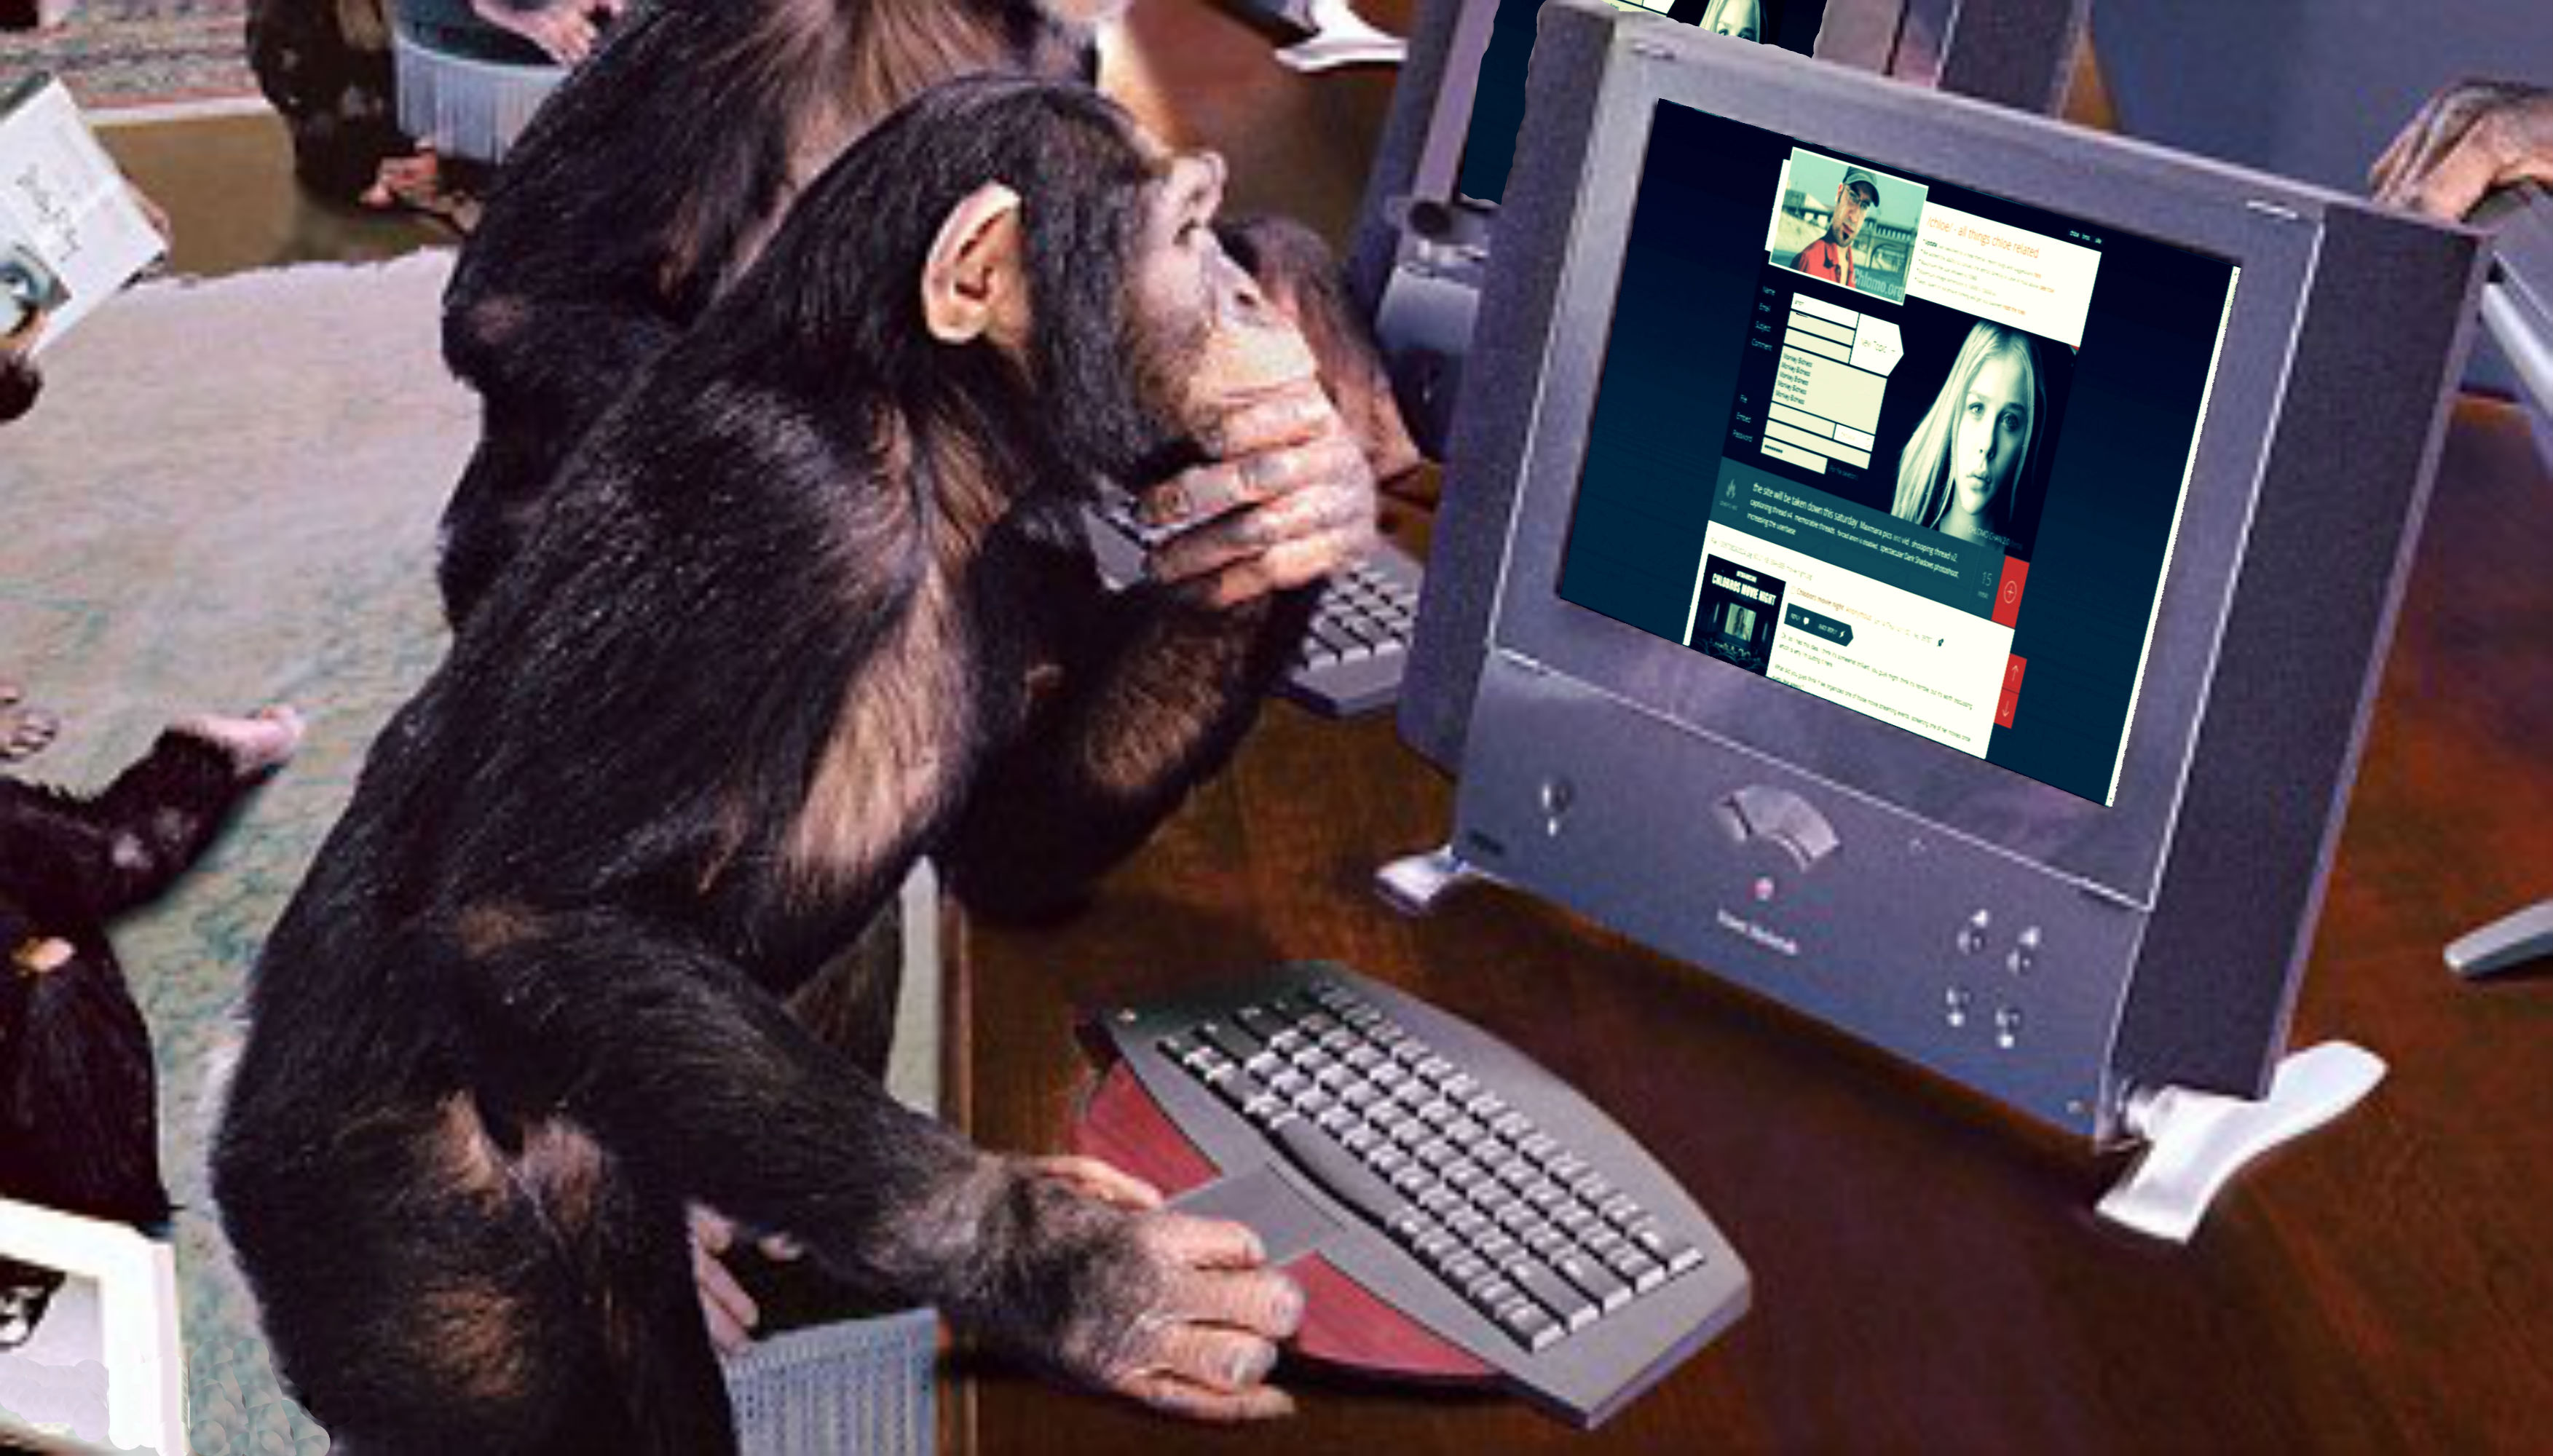 Картинка обезьяна за компом